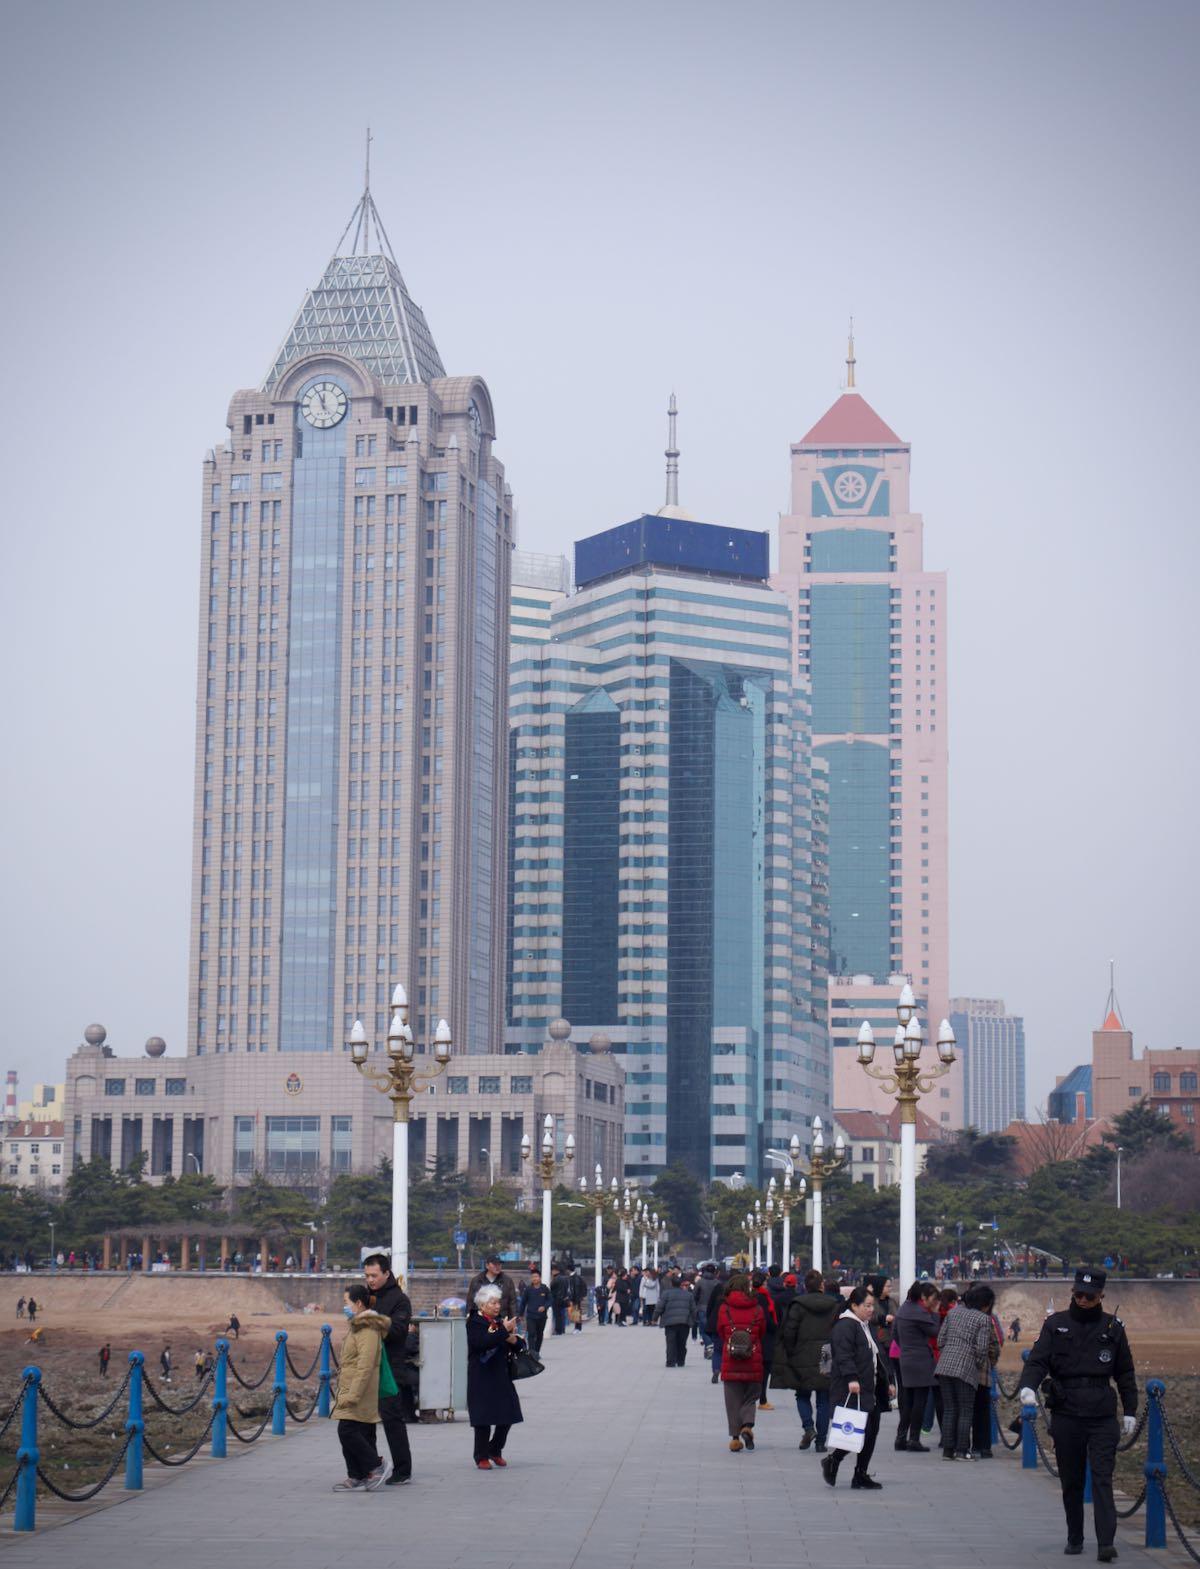 桟橋の海側から眺めた風景 DMC-GX8 + LEICA DG 12-60mm